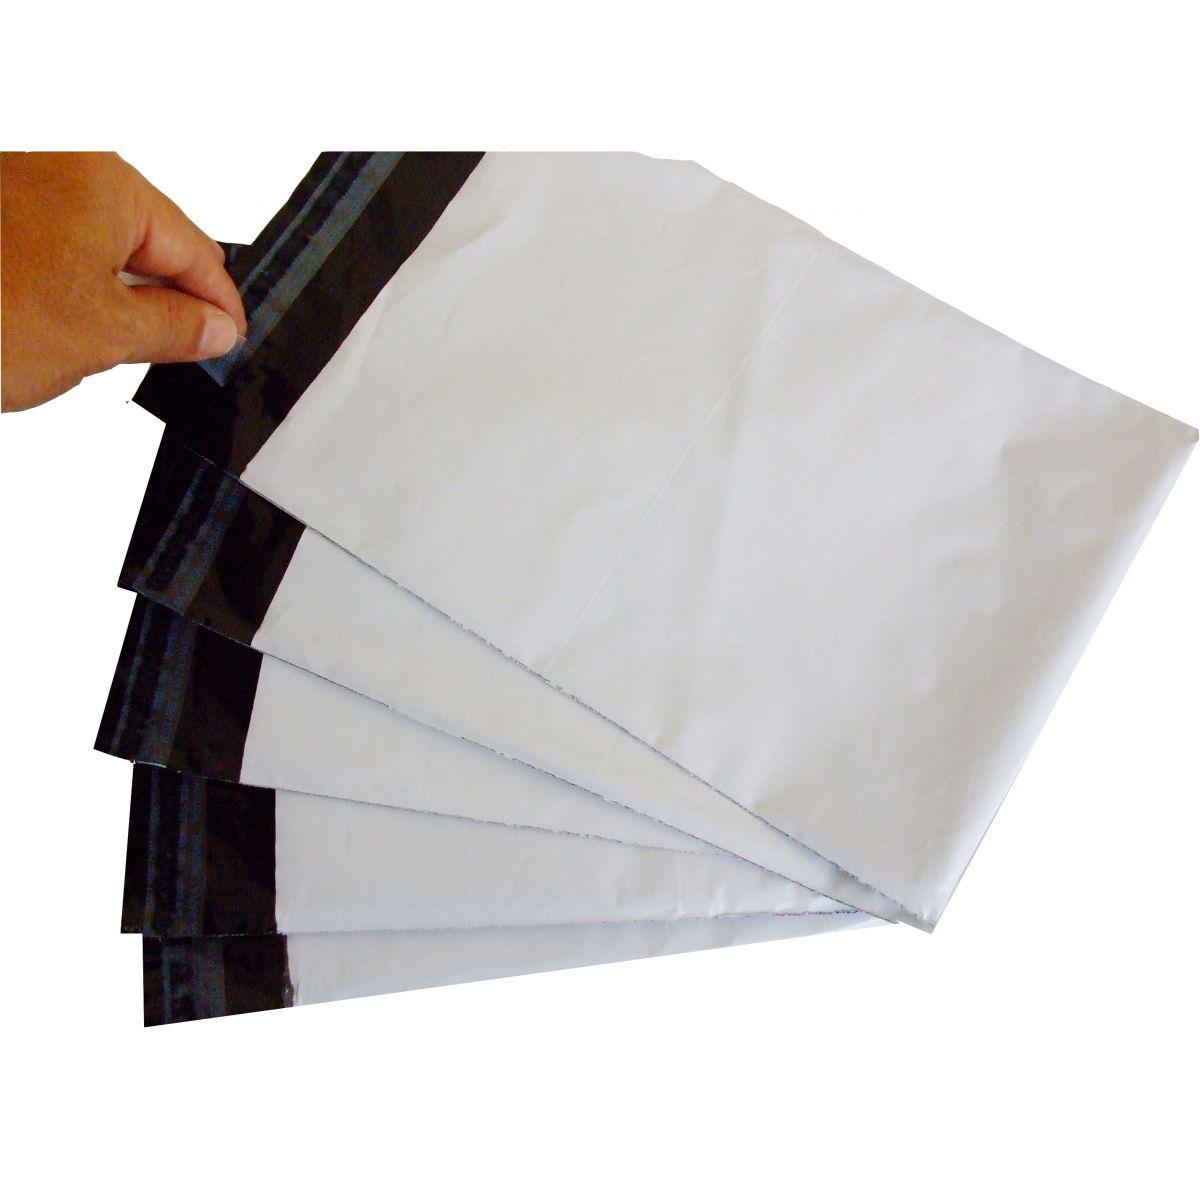 Envelope de Segurança Liso Branco L:15 X C:19 + 5 (Aba) cm